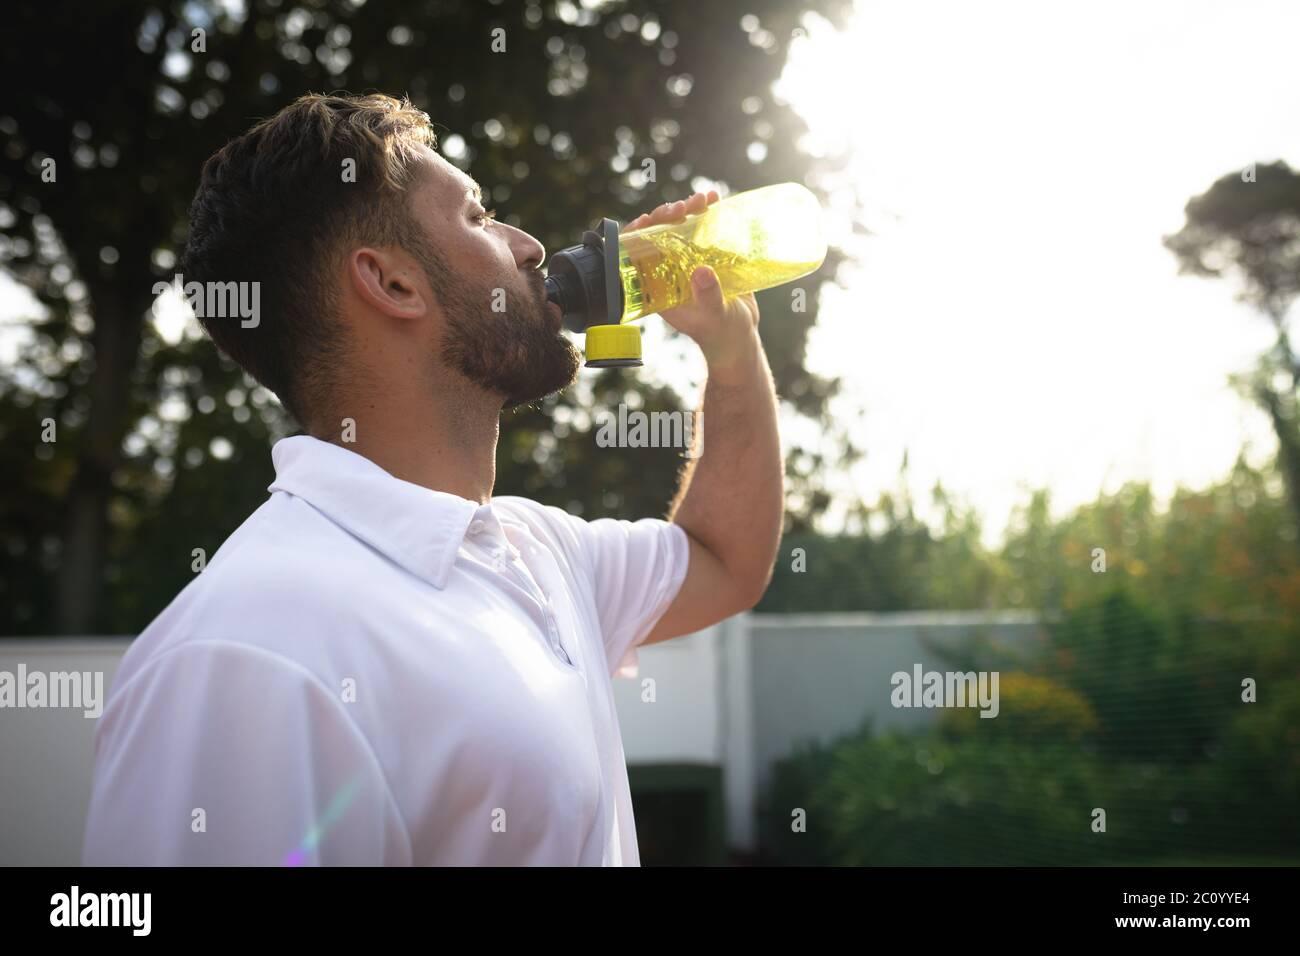 Entrenamiento de hombre caucásico en una cancha de tenis Foto de stock